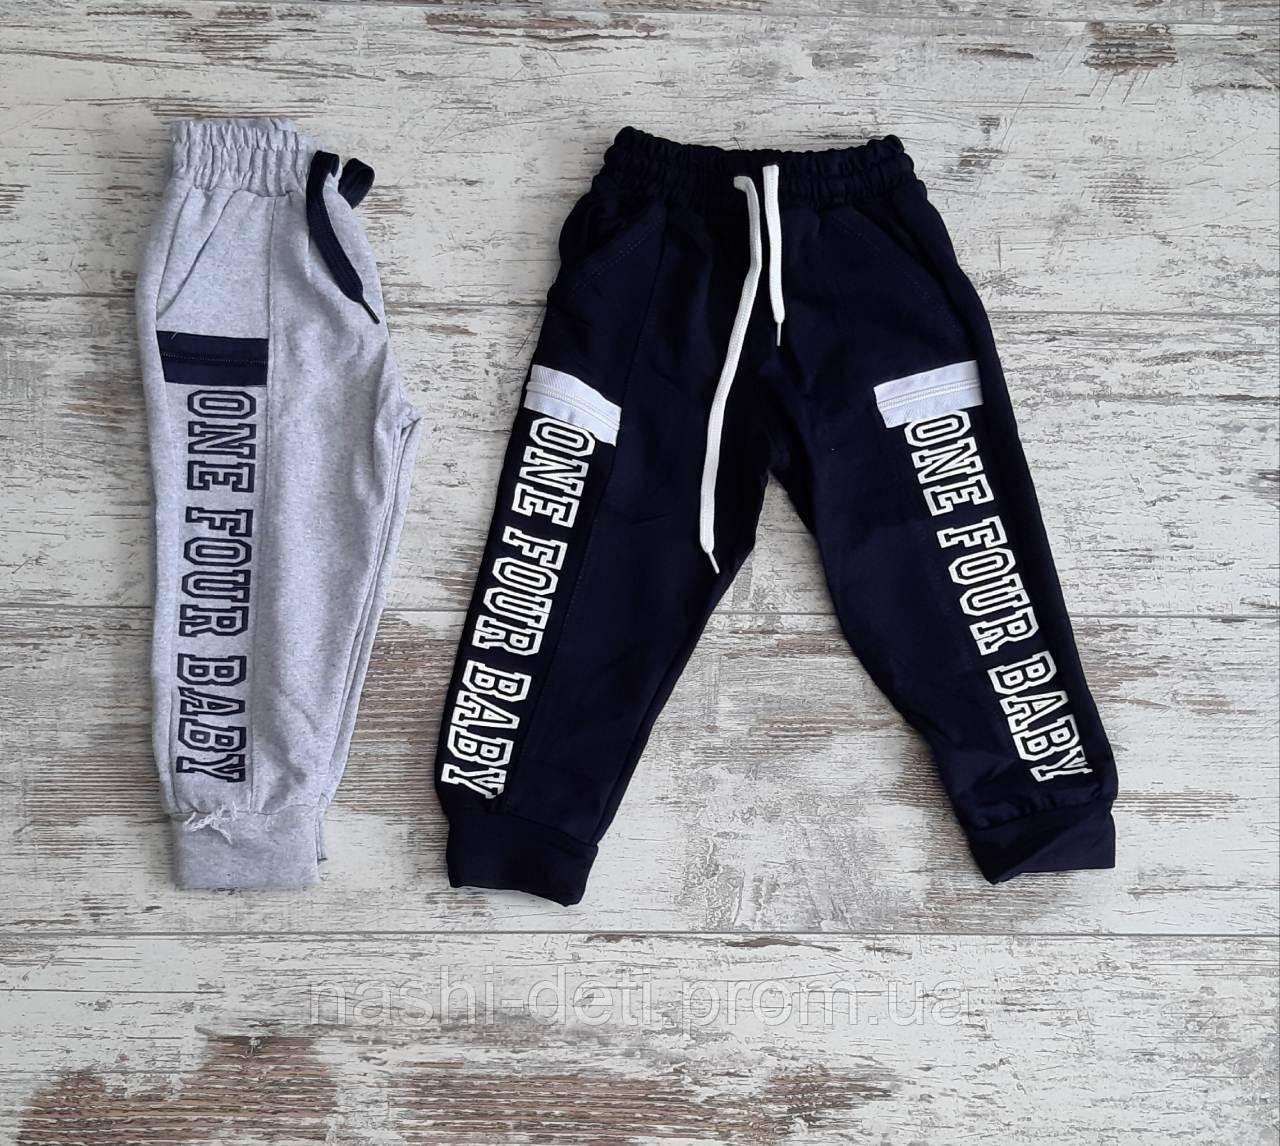 Спортивные штаны для мальчиков.  размер 1-4 лет.  оптом.